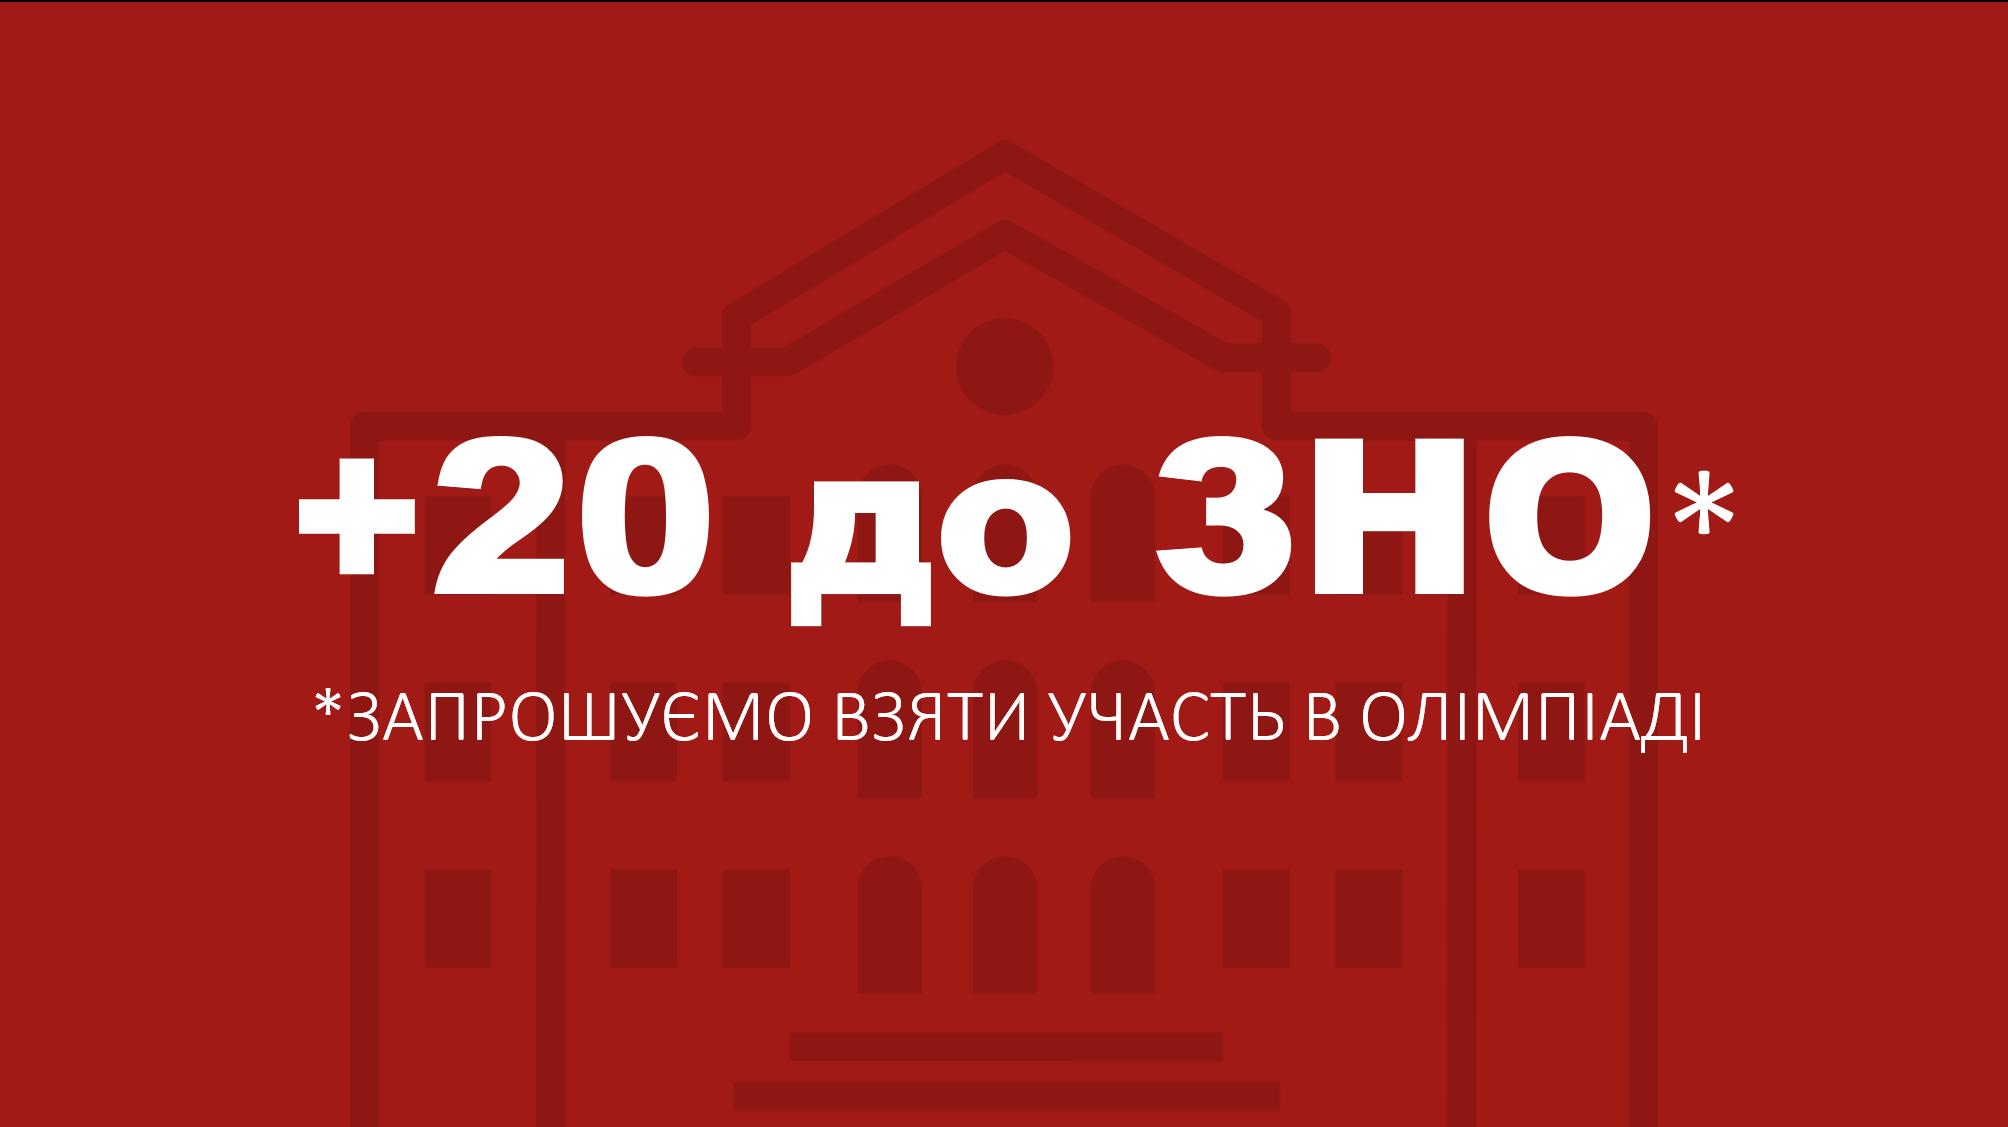 Всеукраїнська олімпіада для для професійної орієнтації вступників